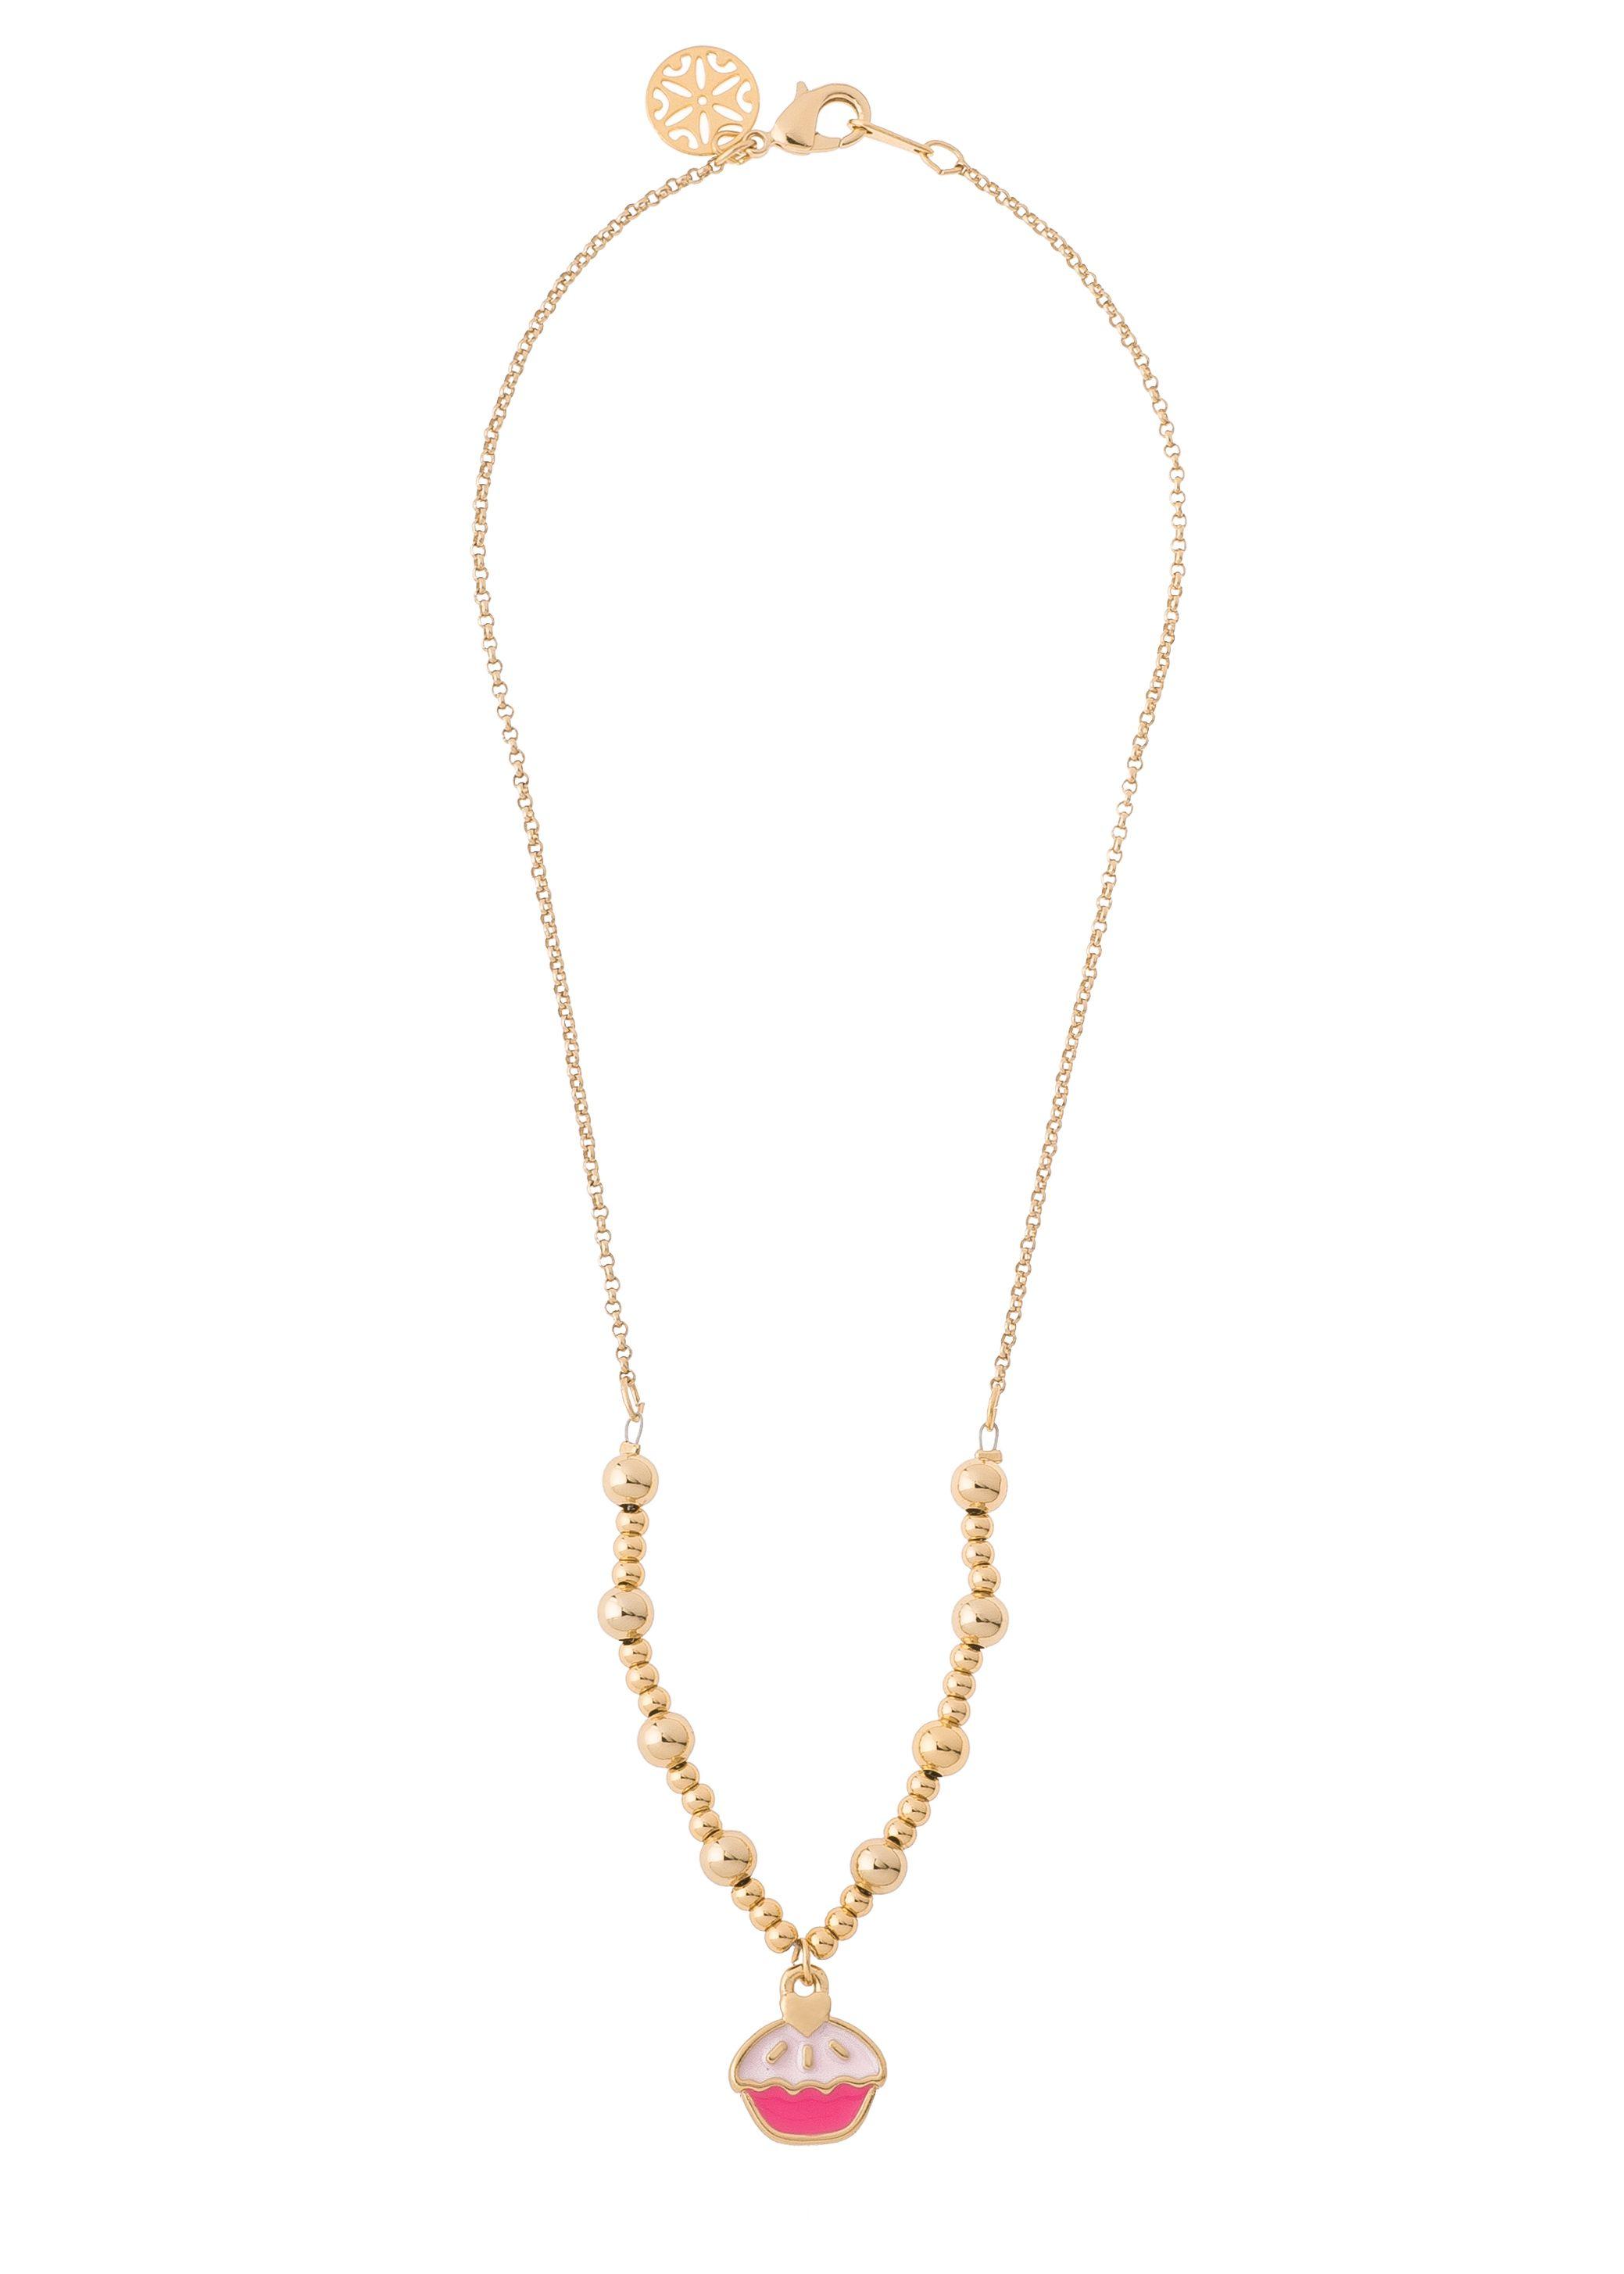 183ea8c0c45 Collar 118952 Collar para niña de 38cm de largo, con baños de oro y ...